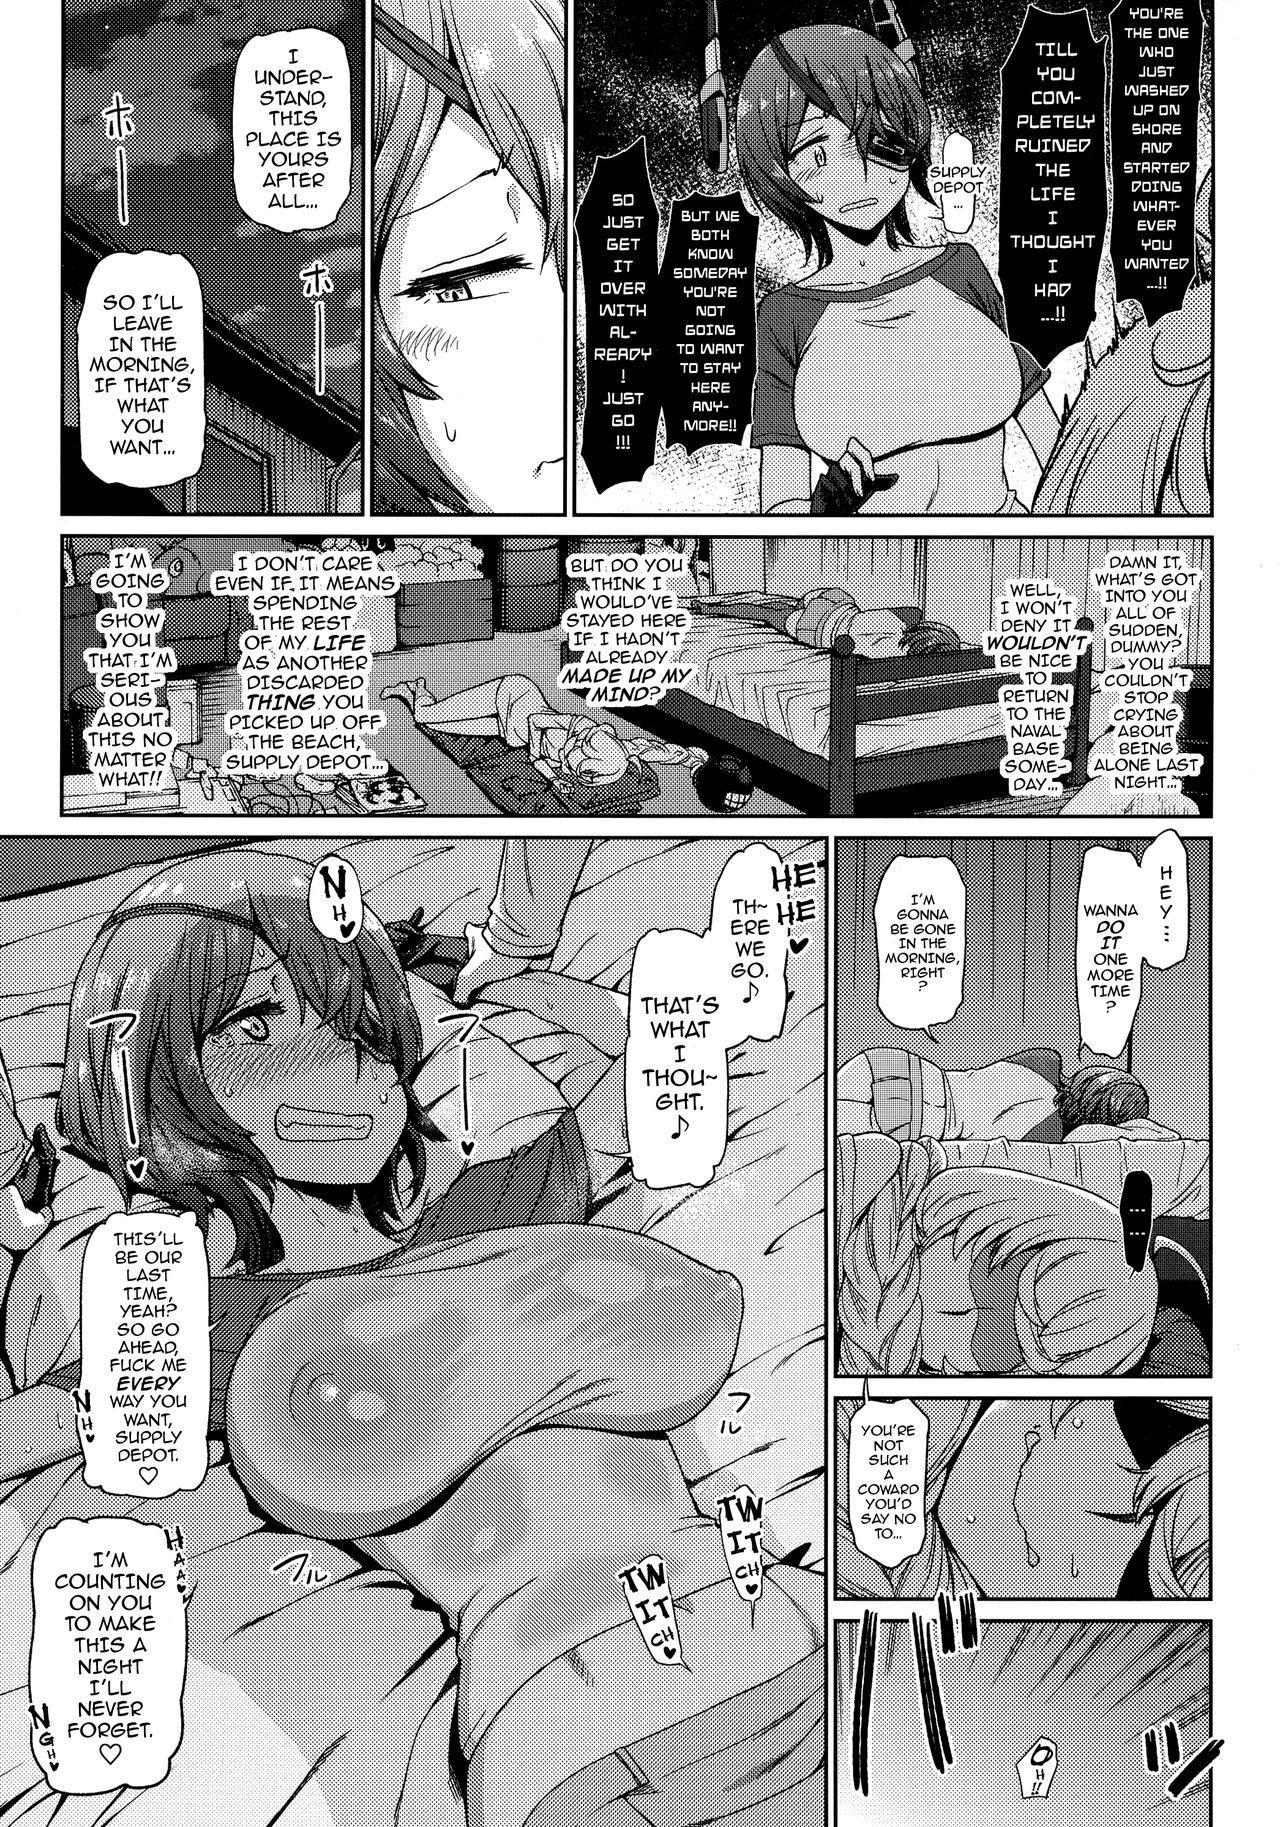 (C92) [dam labo (dam)] Tenryuu (Ore) wa Shuusekichi (Omae) no Nan nano sa!!   I Told You Supply Depot, This Tenryuu Belongs to You!! (Kantai Collection -KanColle-) [English] {darknight} 35